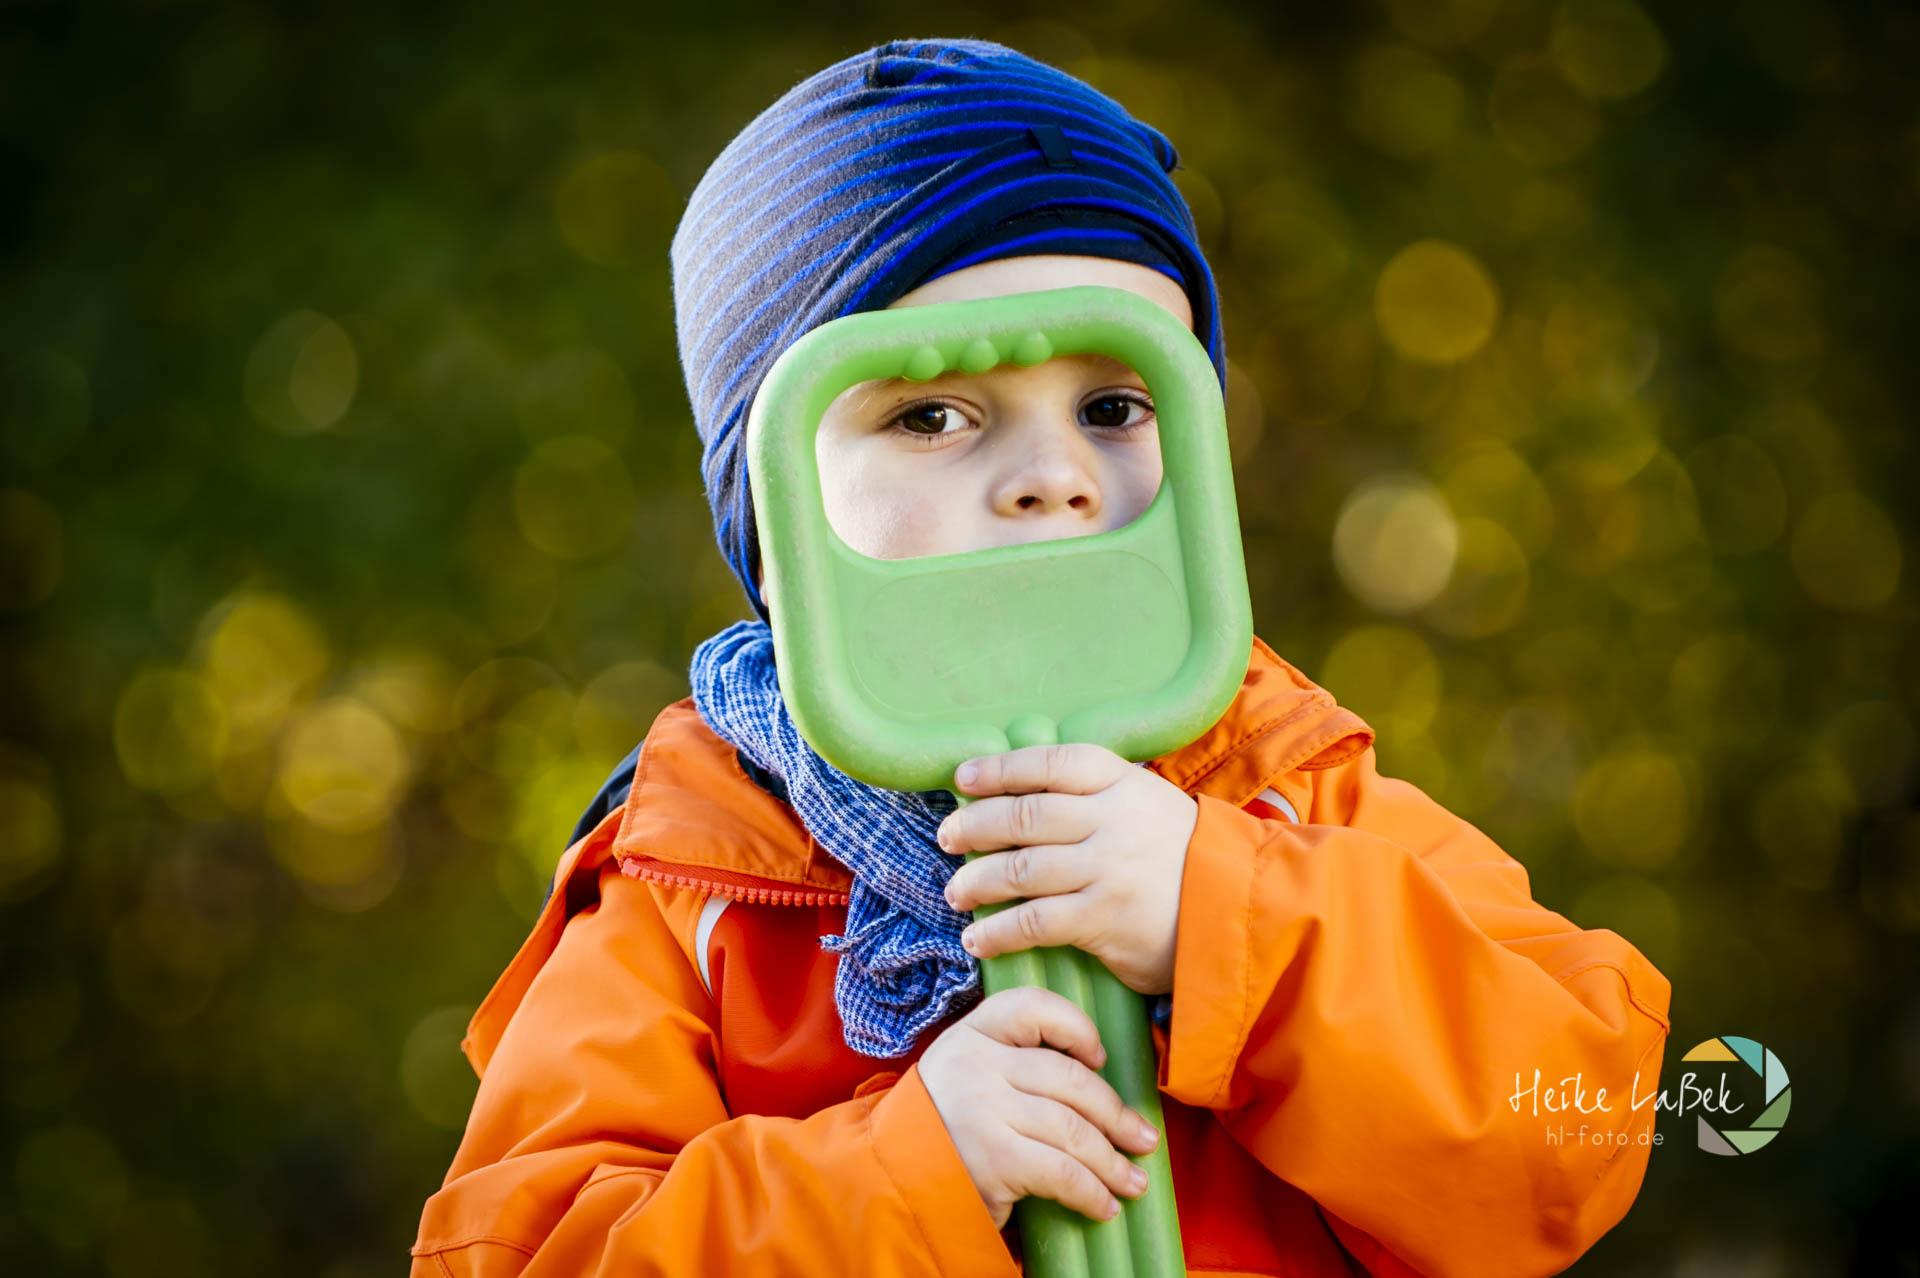 kleiner Junge sieht durch den Griff seiner Schaufel